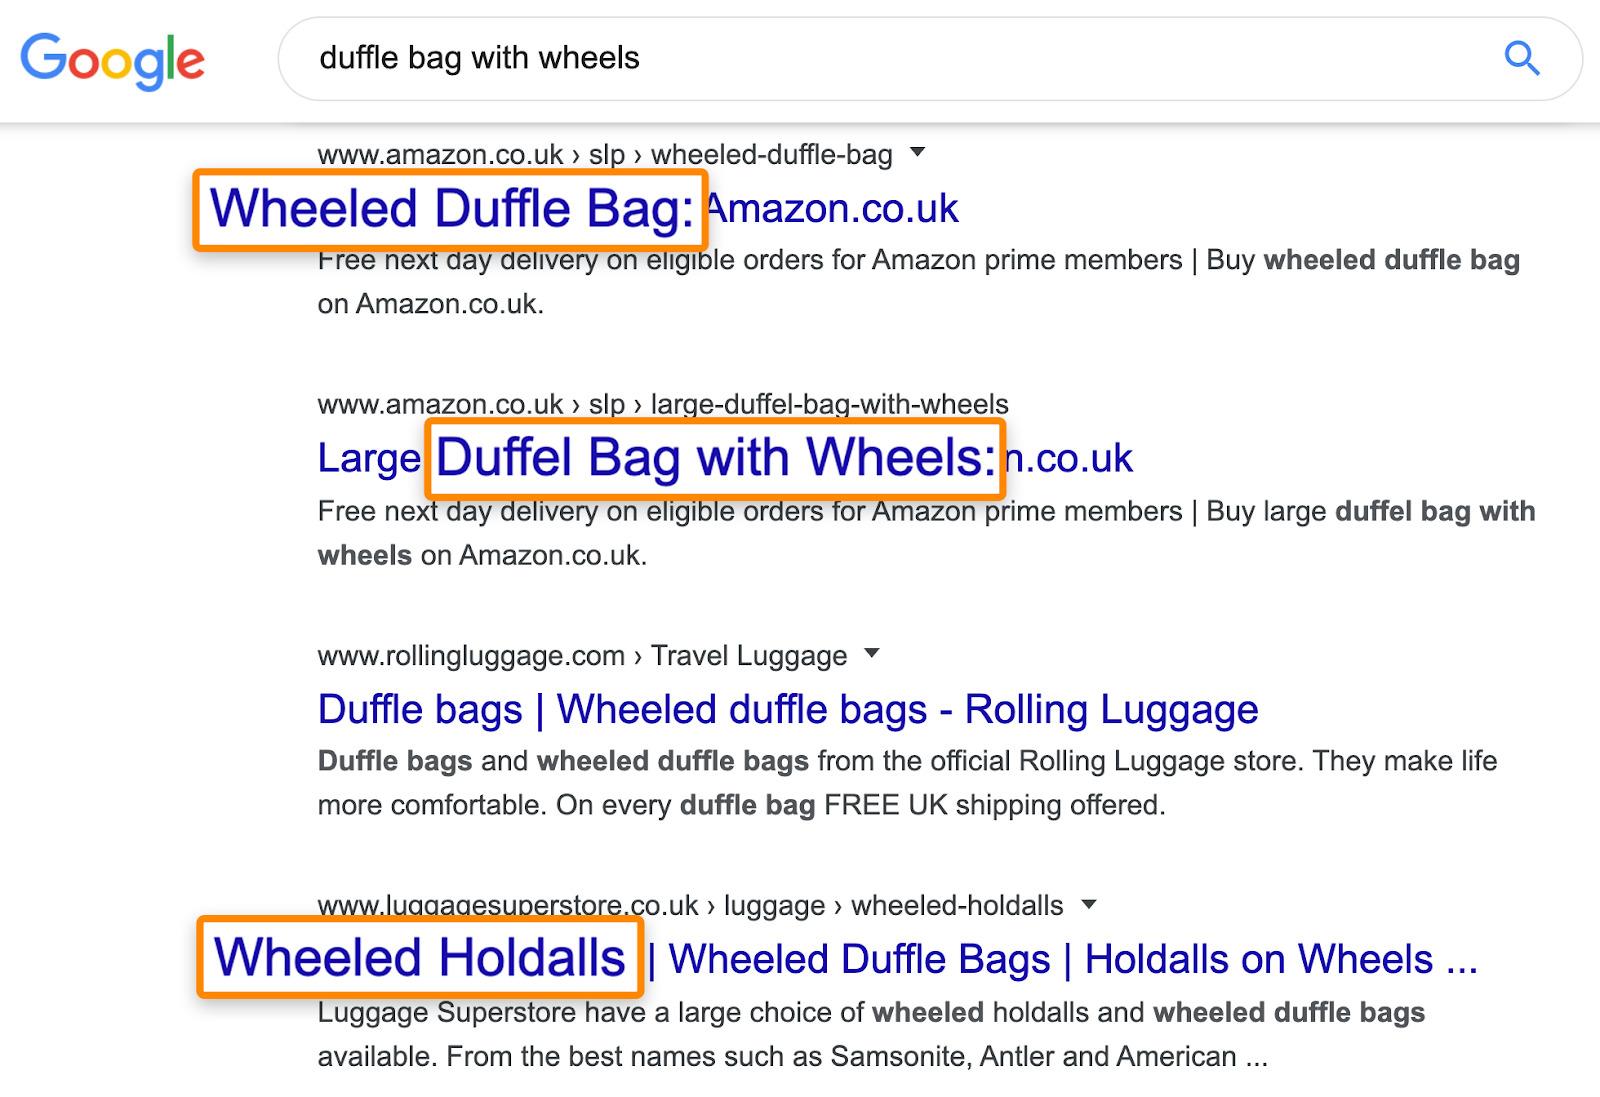 5 wheeled duffel bags 1